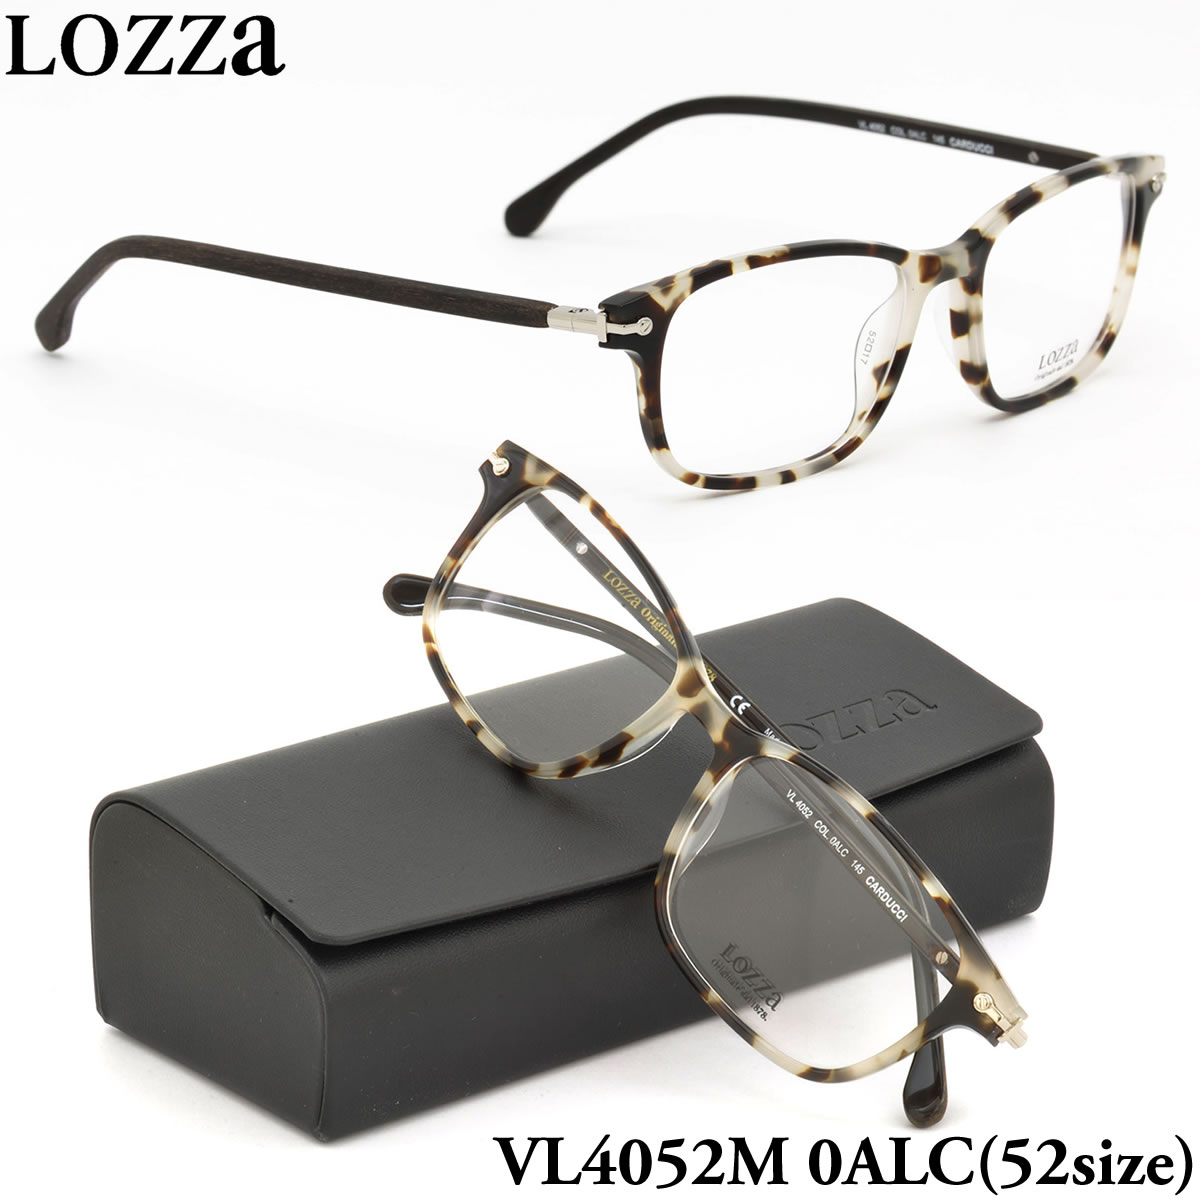 【10月30日からエントリーで全品ポイント20倍】【LOZZA】ロッツァ 眼鏡 メガネ フレーム VL4052M 0ALC 52サイズ CARDUCCI バネ丁番 バネ蝶番 スクエア メンズ レディース